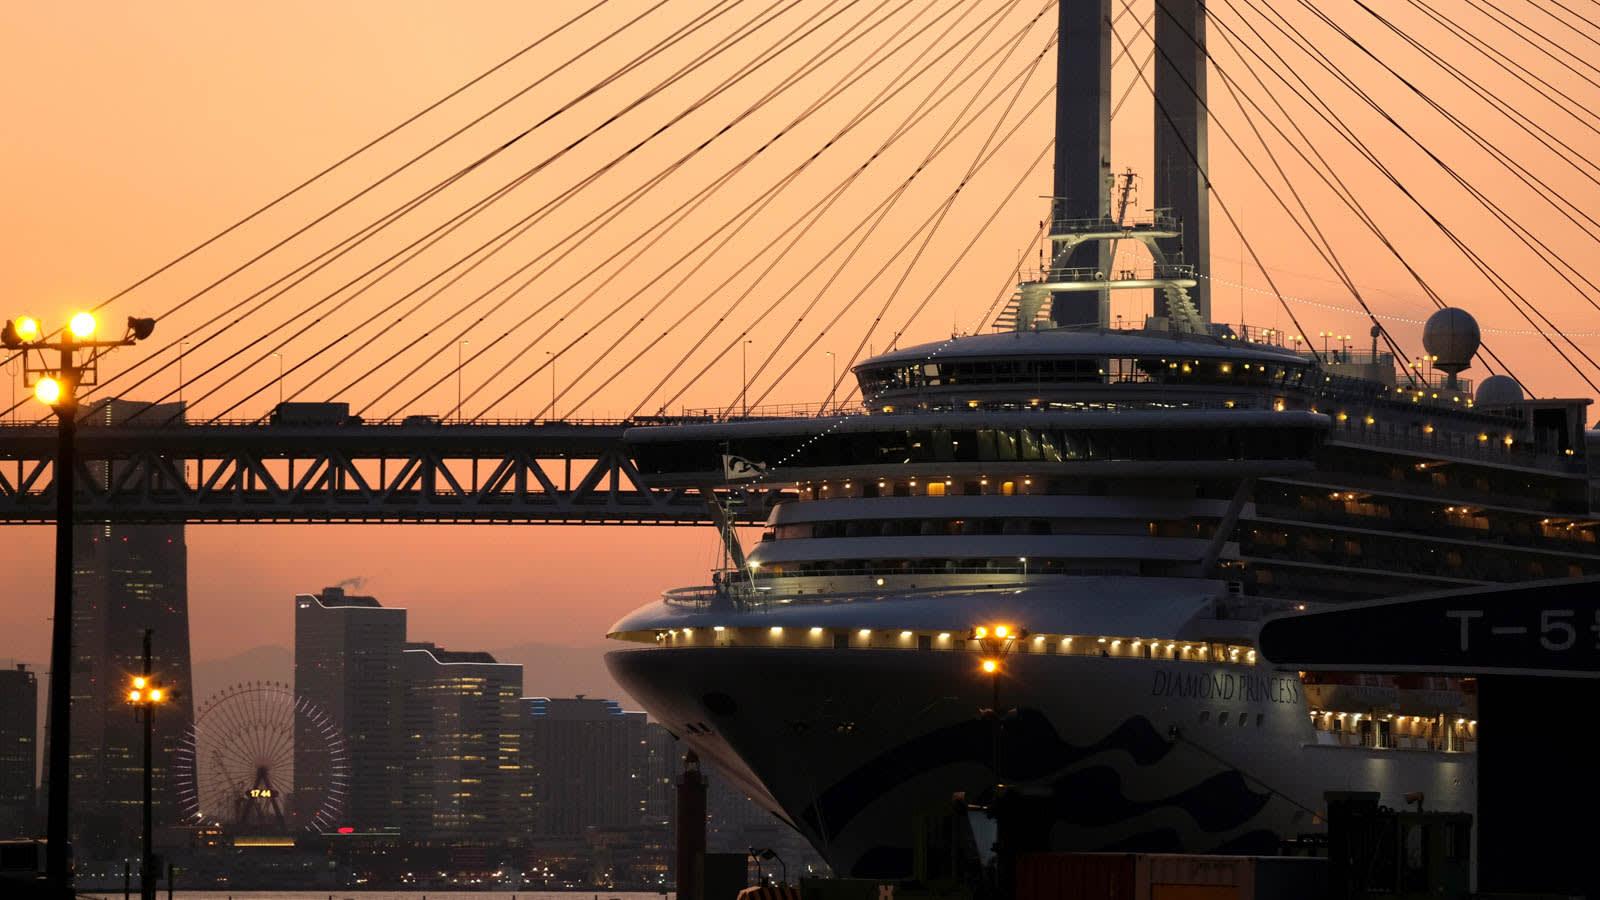 كيف يمكن منع نشر الأمراض في الطائرات والسفن؟